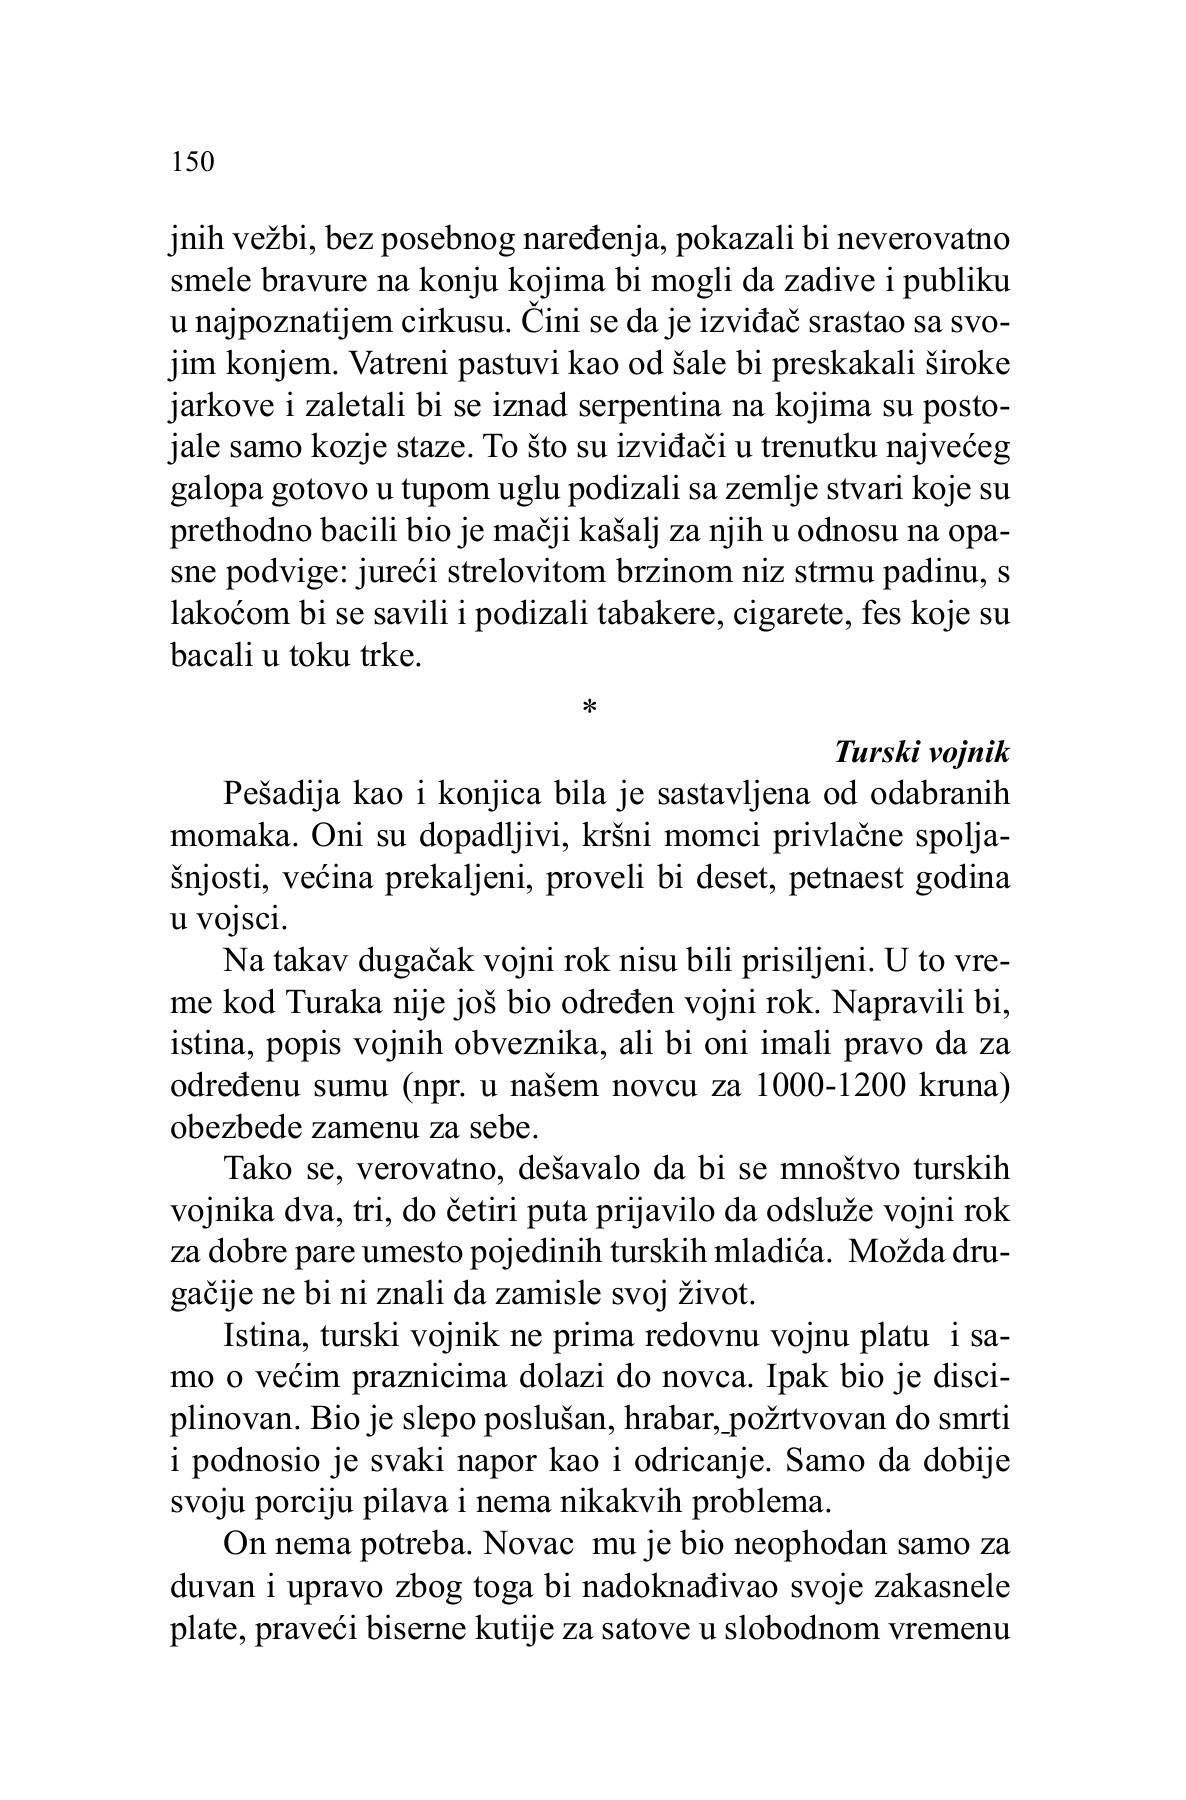 Pojave tijela u medijima - Bobovo, Pljevlja